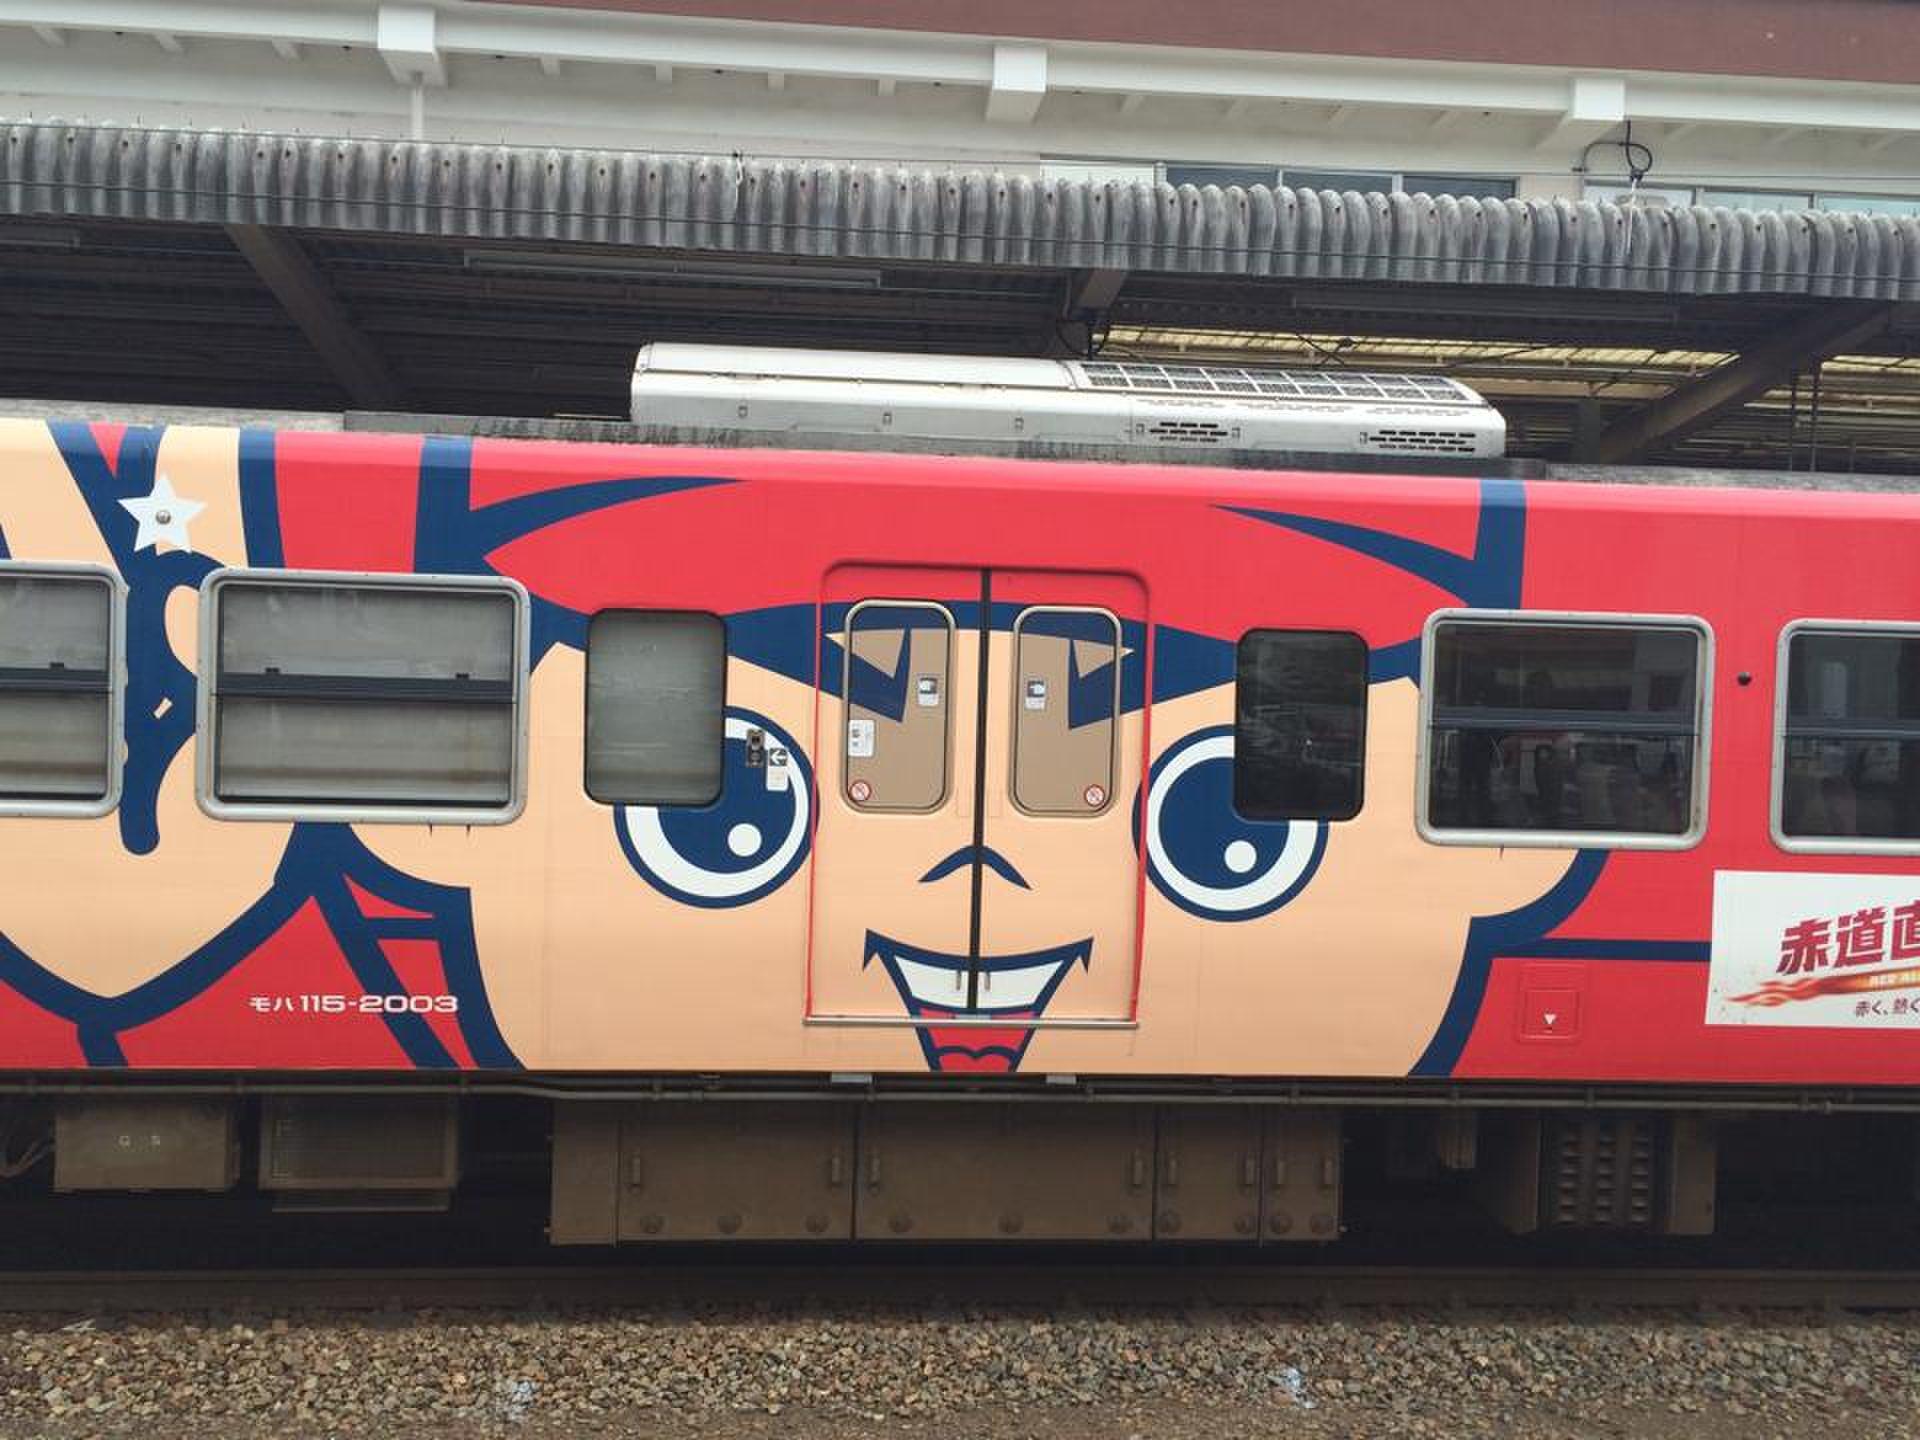 広島カープをマツダスタジアムで応援しに行こう☆カープ電車にカープうどん!これで君もカープ女子だ!